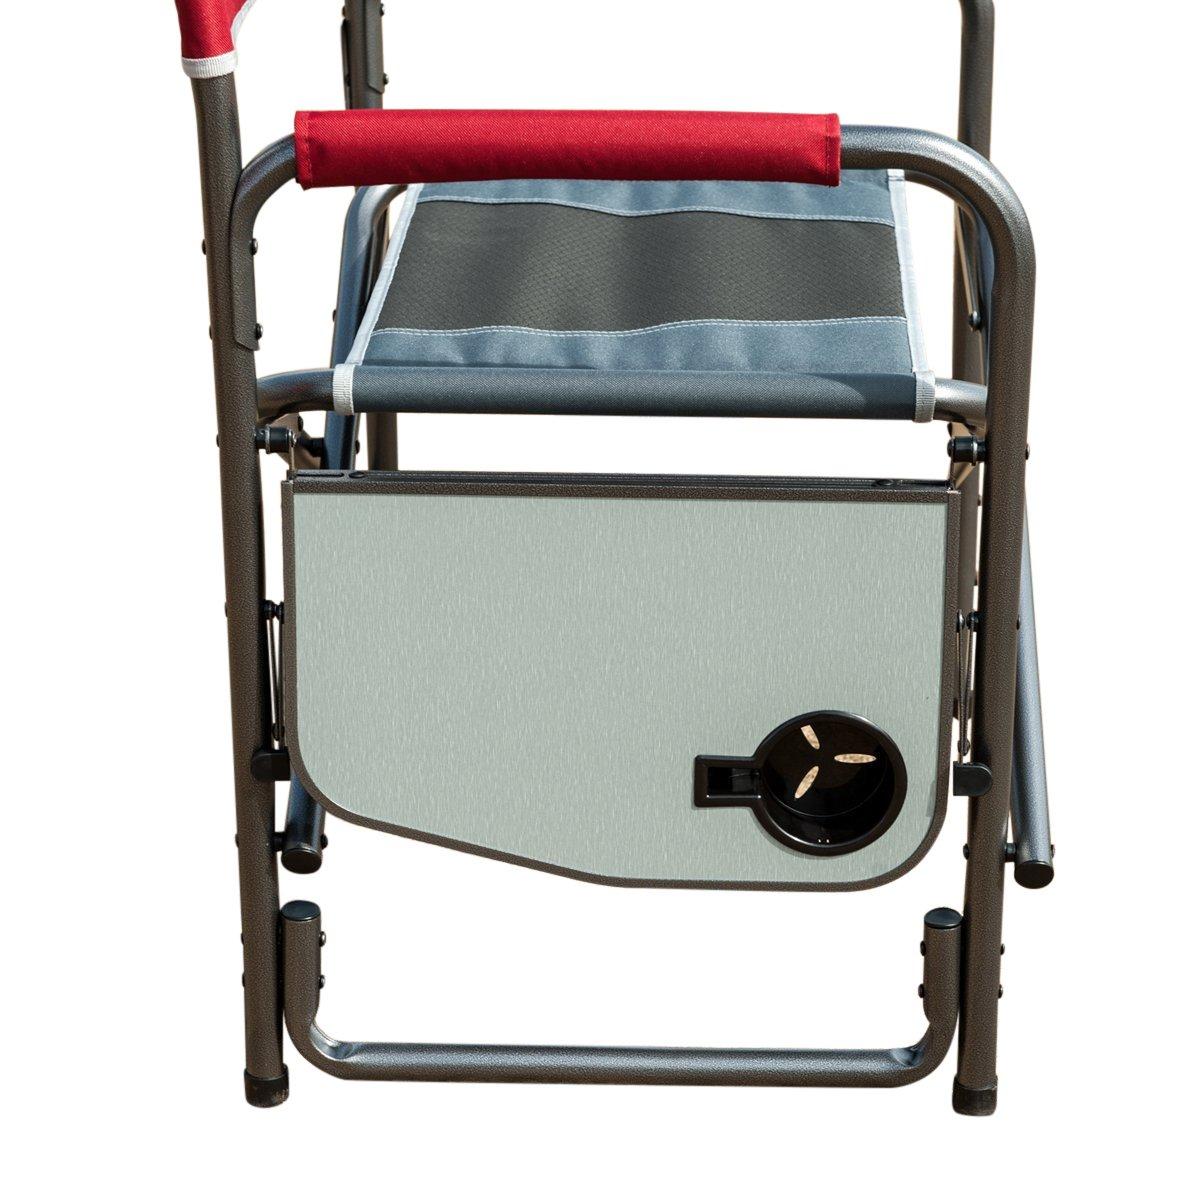 timber-rダイレクタ椅子折りたたみポータブルキャンプwith Sideテーブルサポート300lbsアウトドア  レッド B07B8HDXNV